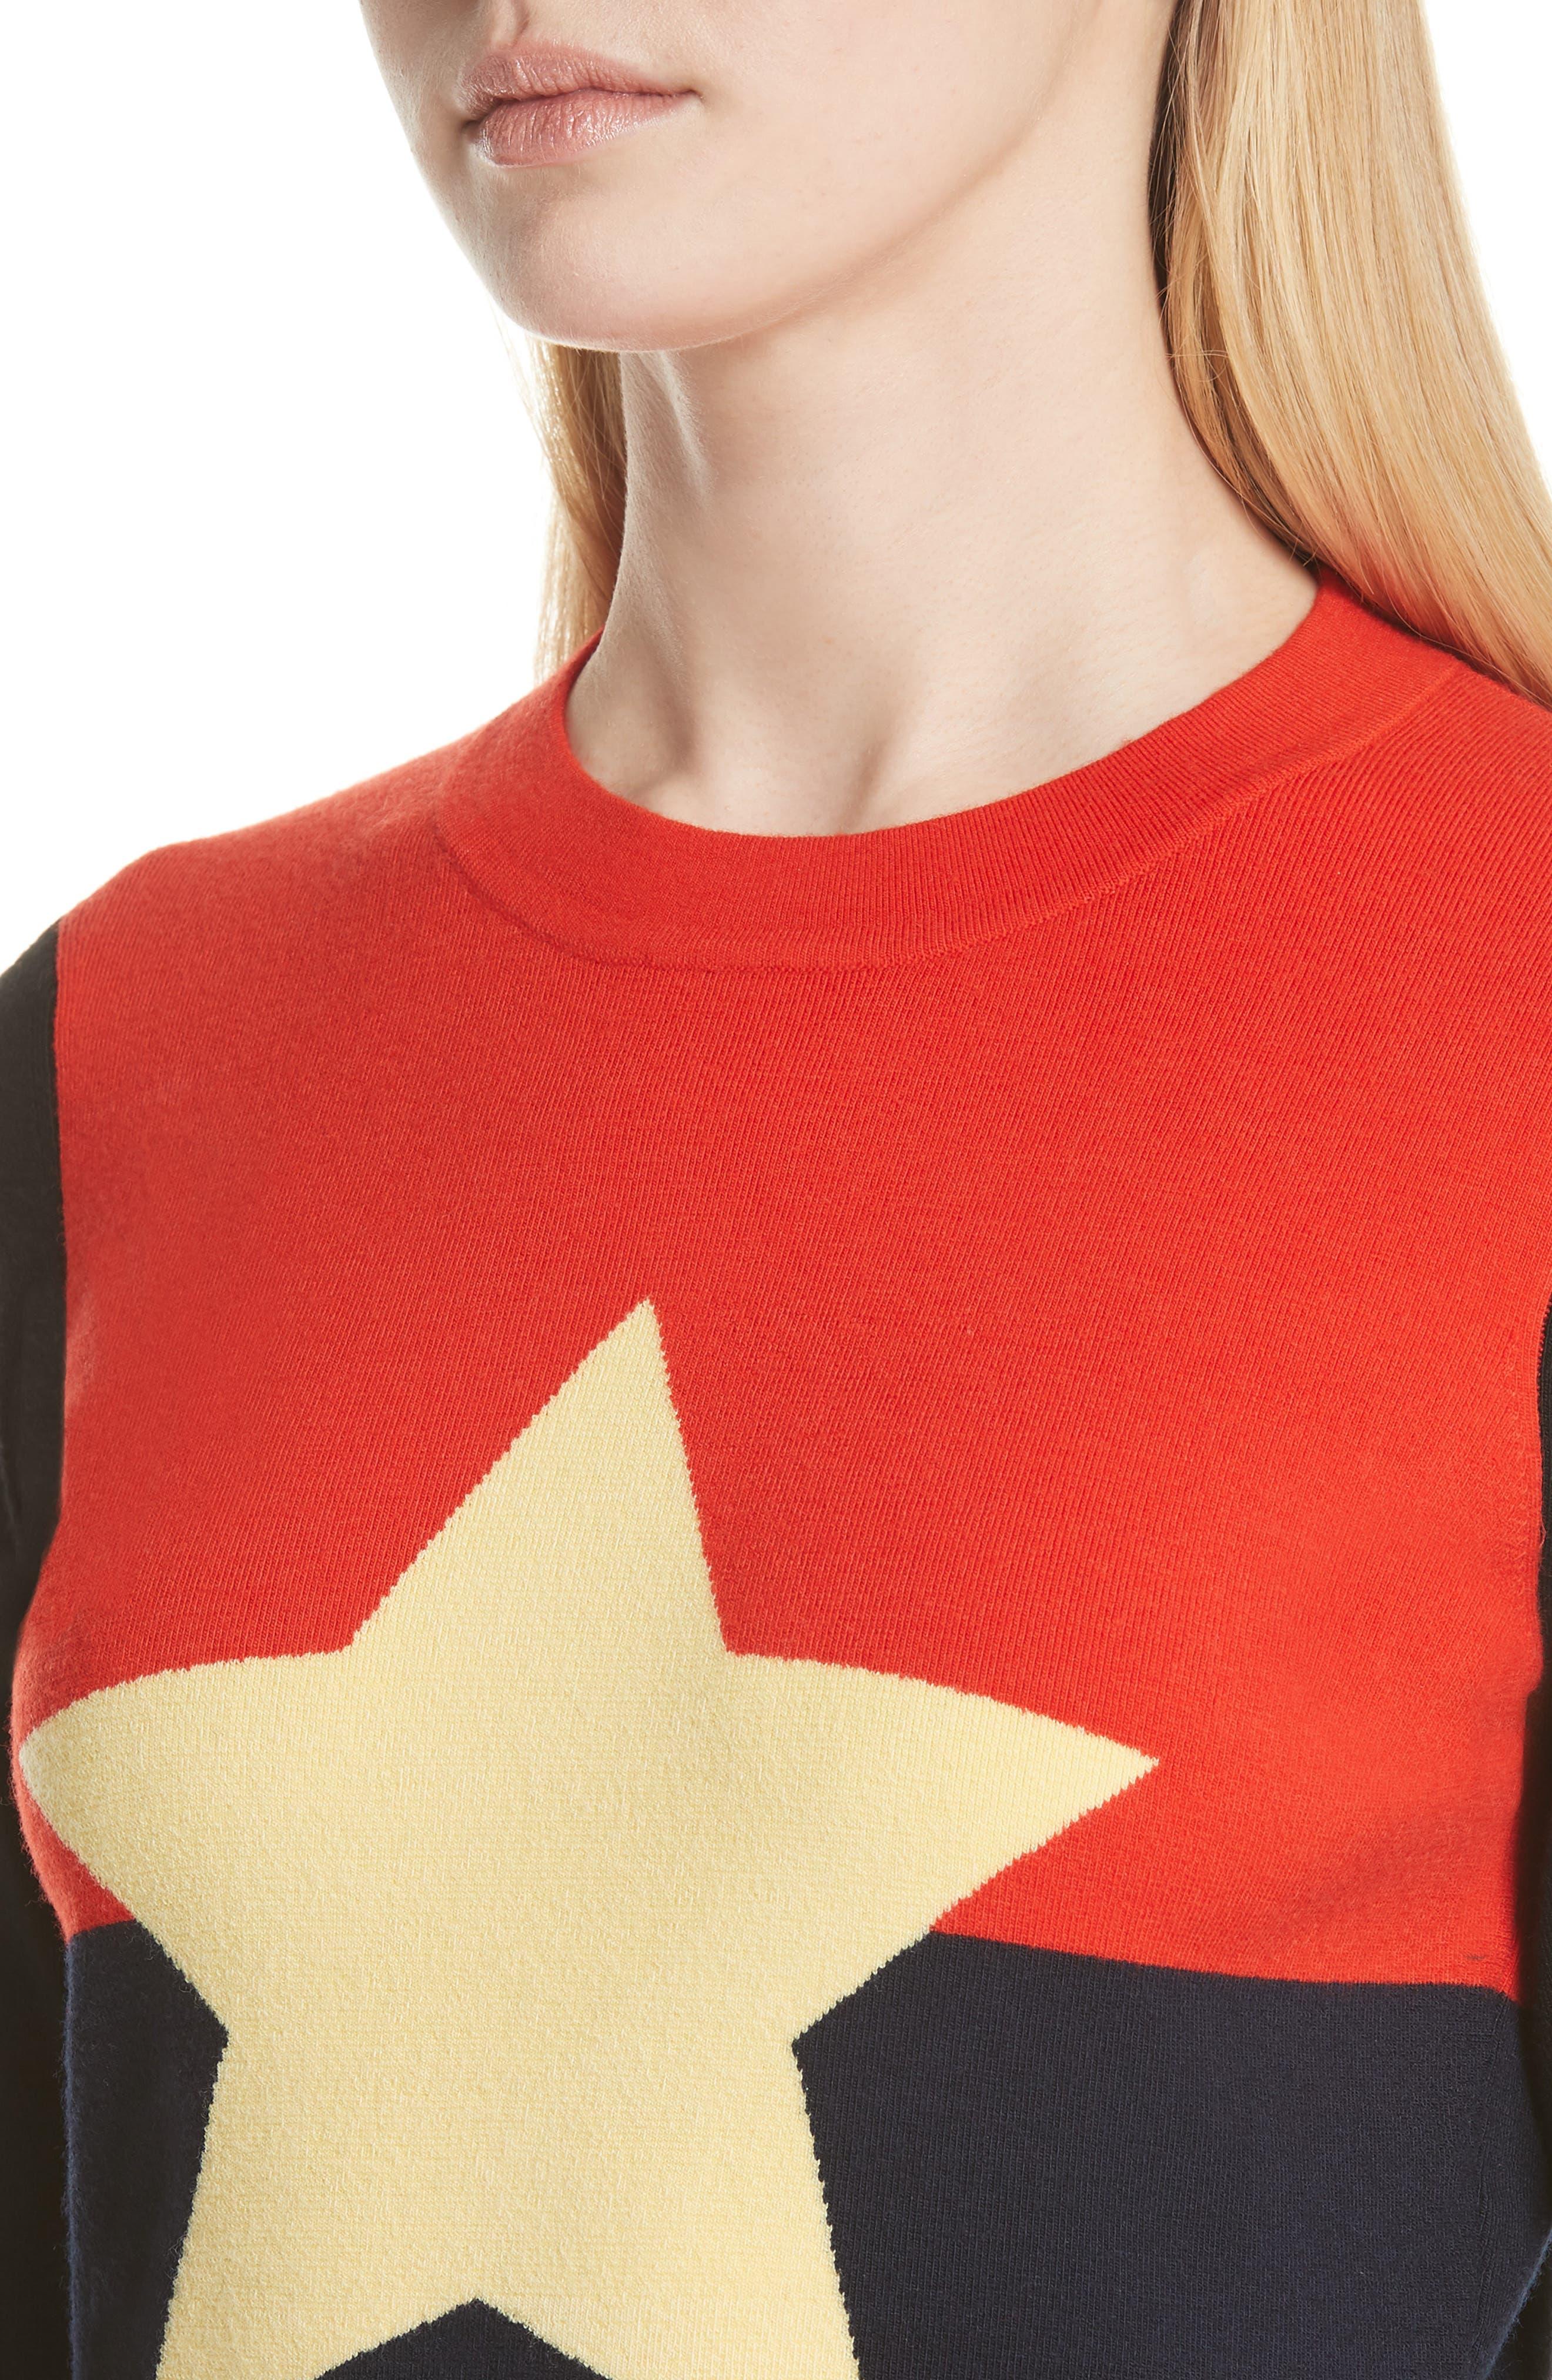 Diane von Furstenberg Star Sweater,                             Alternate thumbnail 4, color,